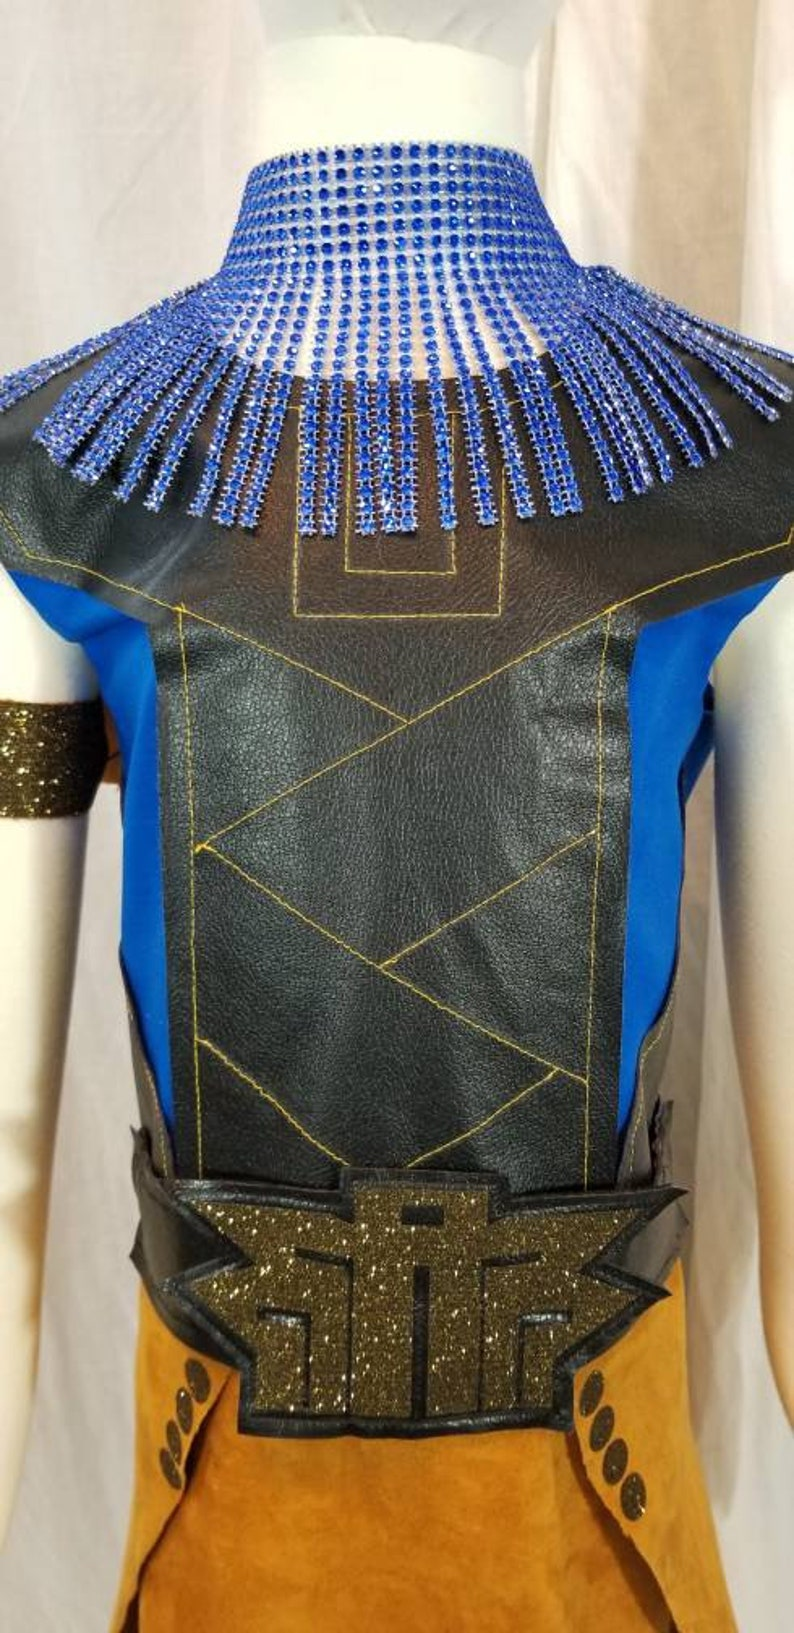 Princess Shuri Inspired Costume Dress Necklace Arm Cuffs Belt GirlsWomen/'sPlus sz avail